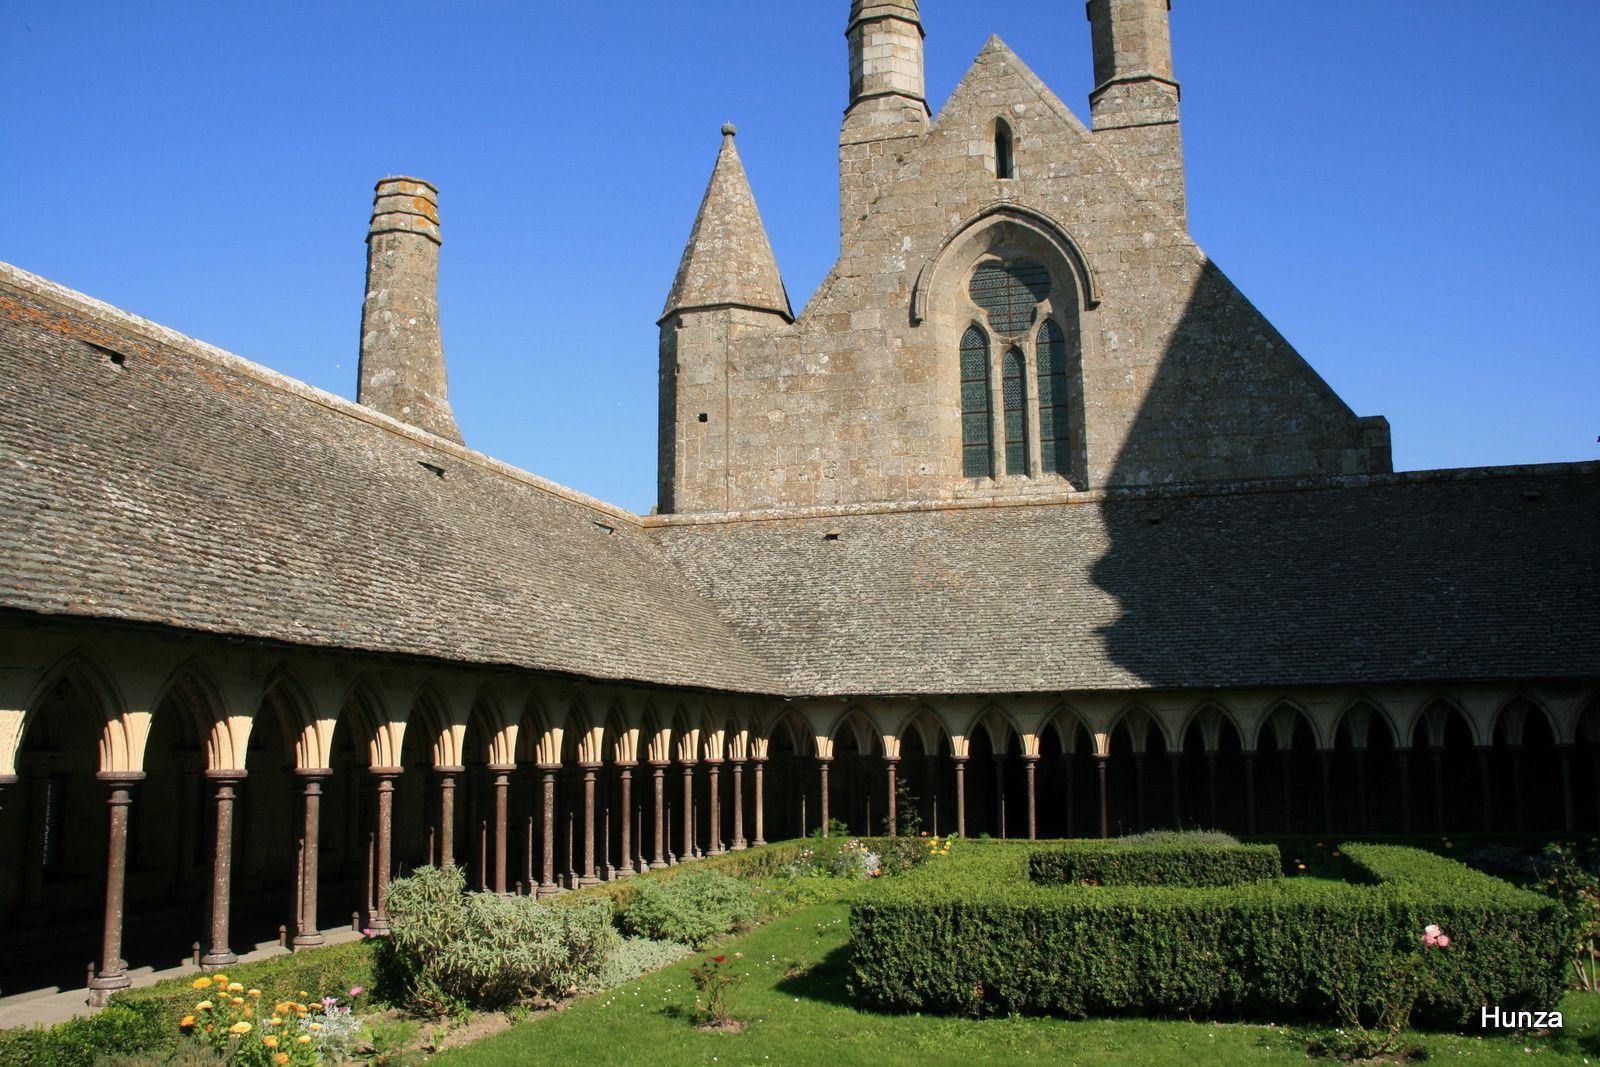 Le cloître dont la construction remonte au 13ème siècle